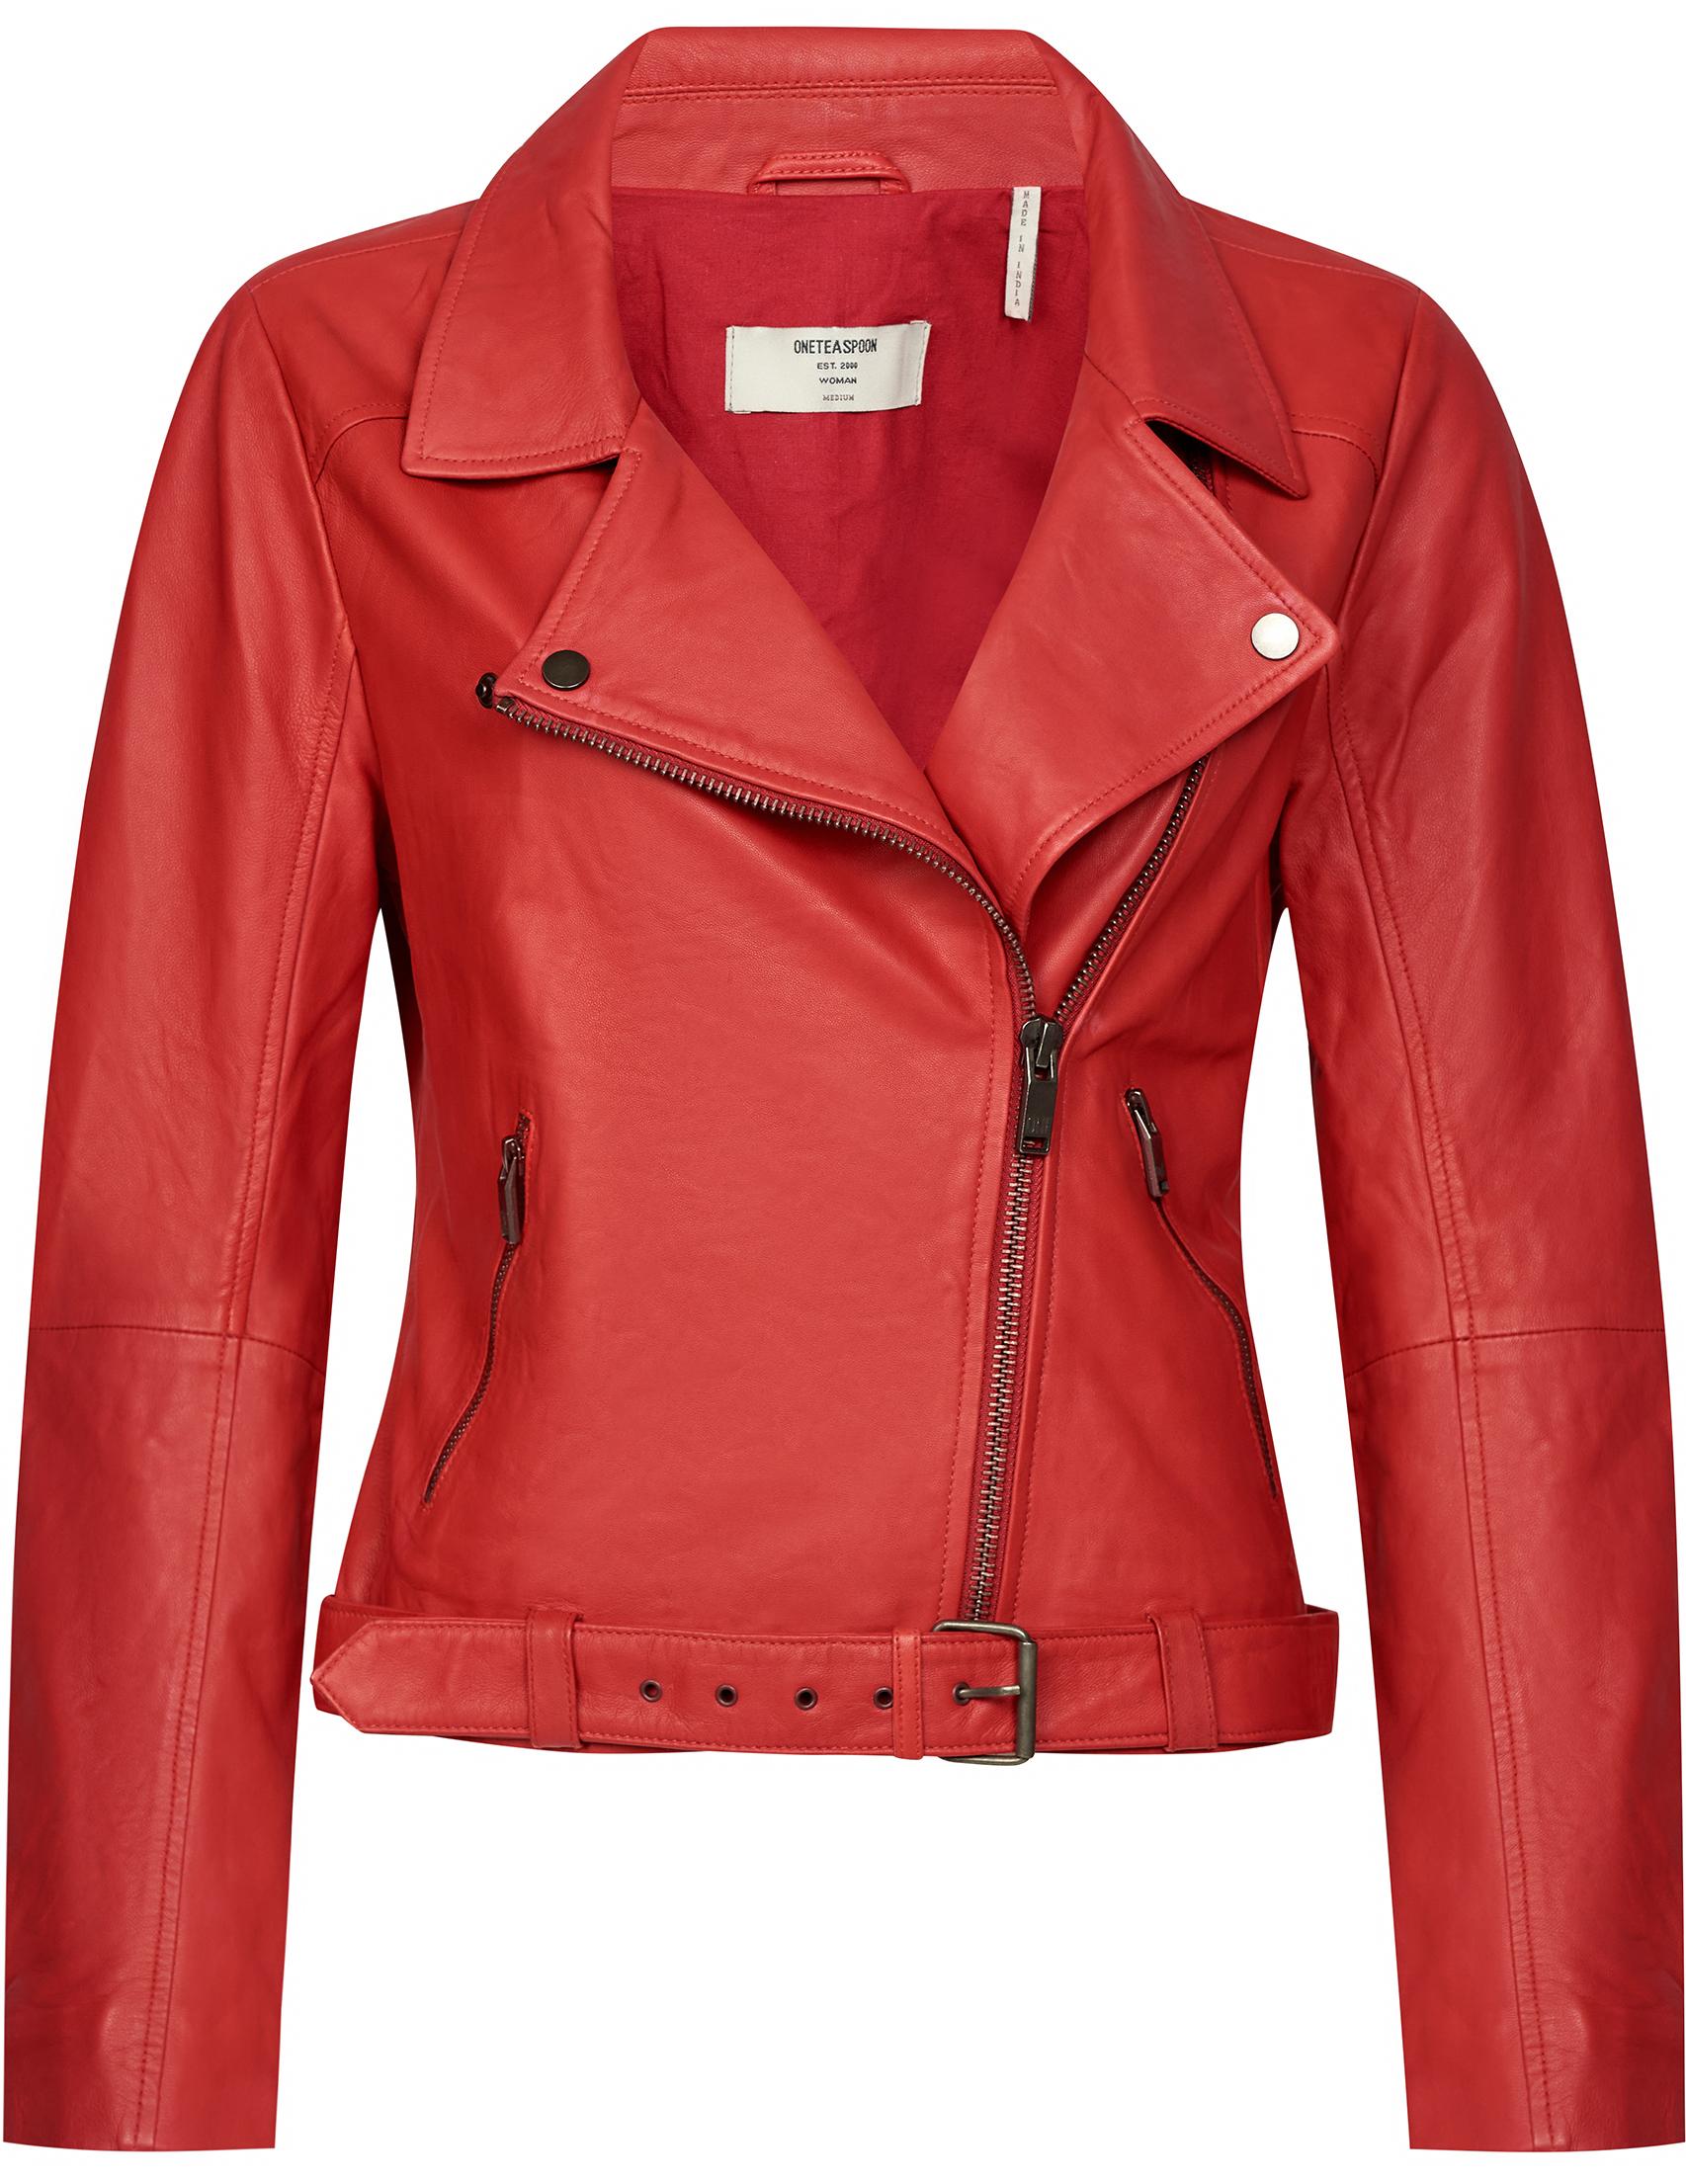 Купить Куртки, Куртка, ONETEASPOON, Красный, 100%Кожа, Весна-Лето